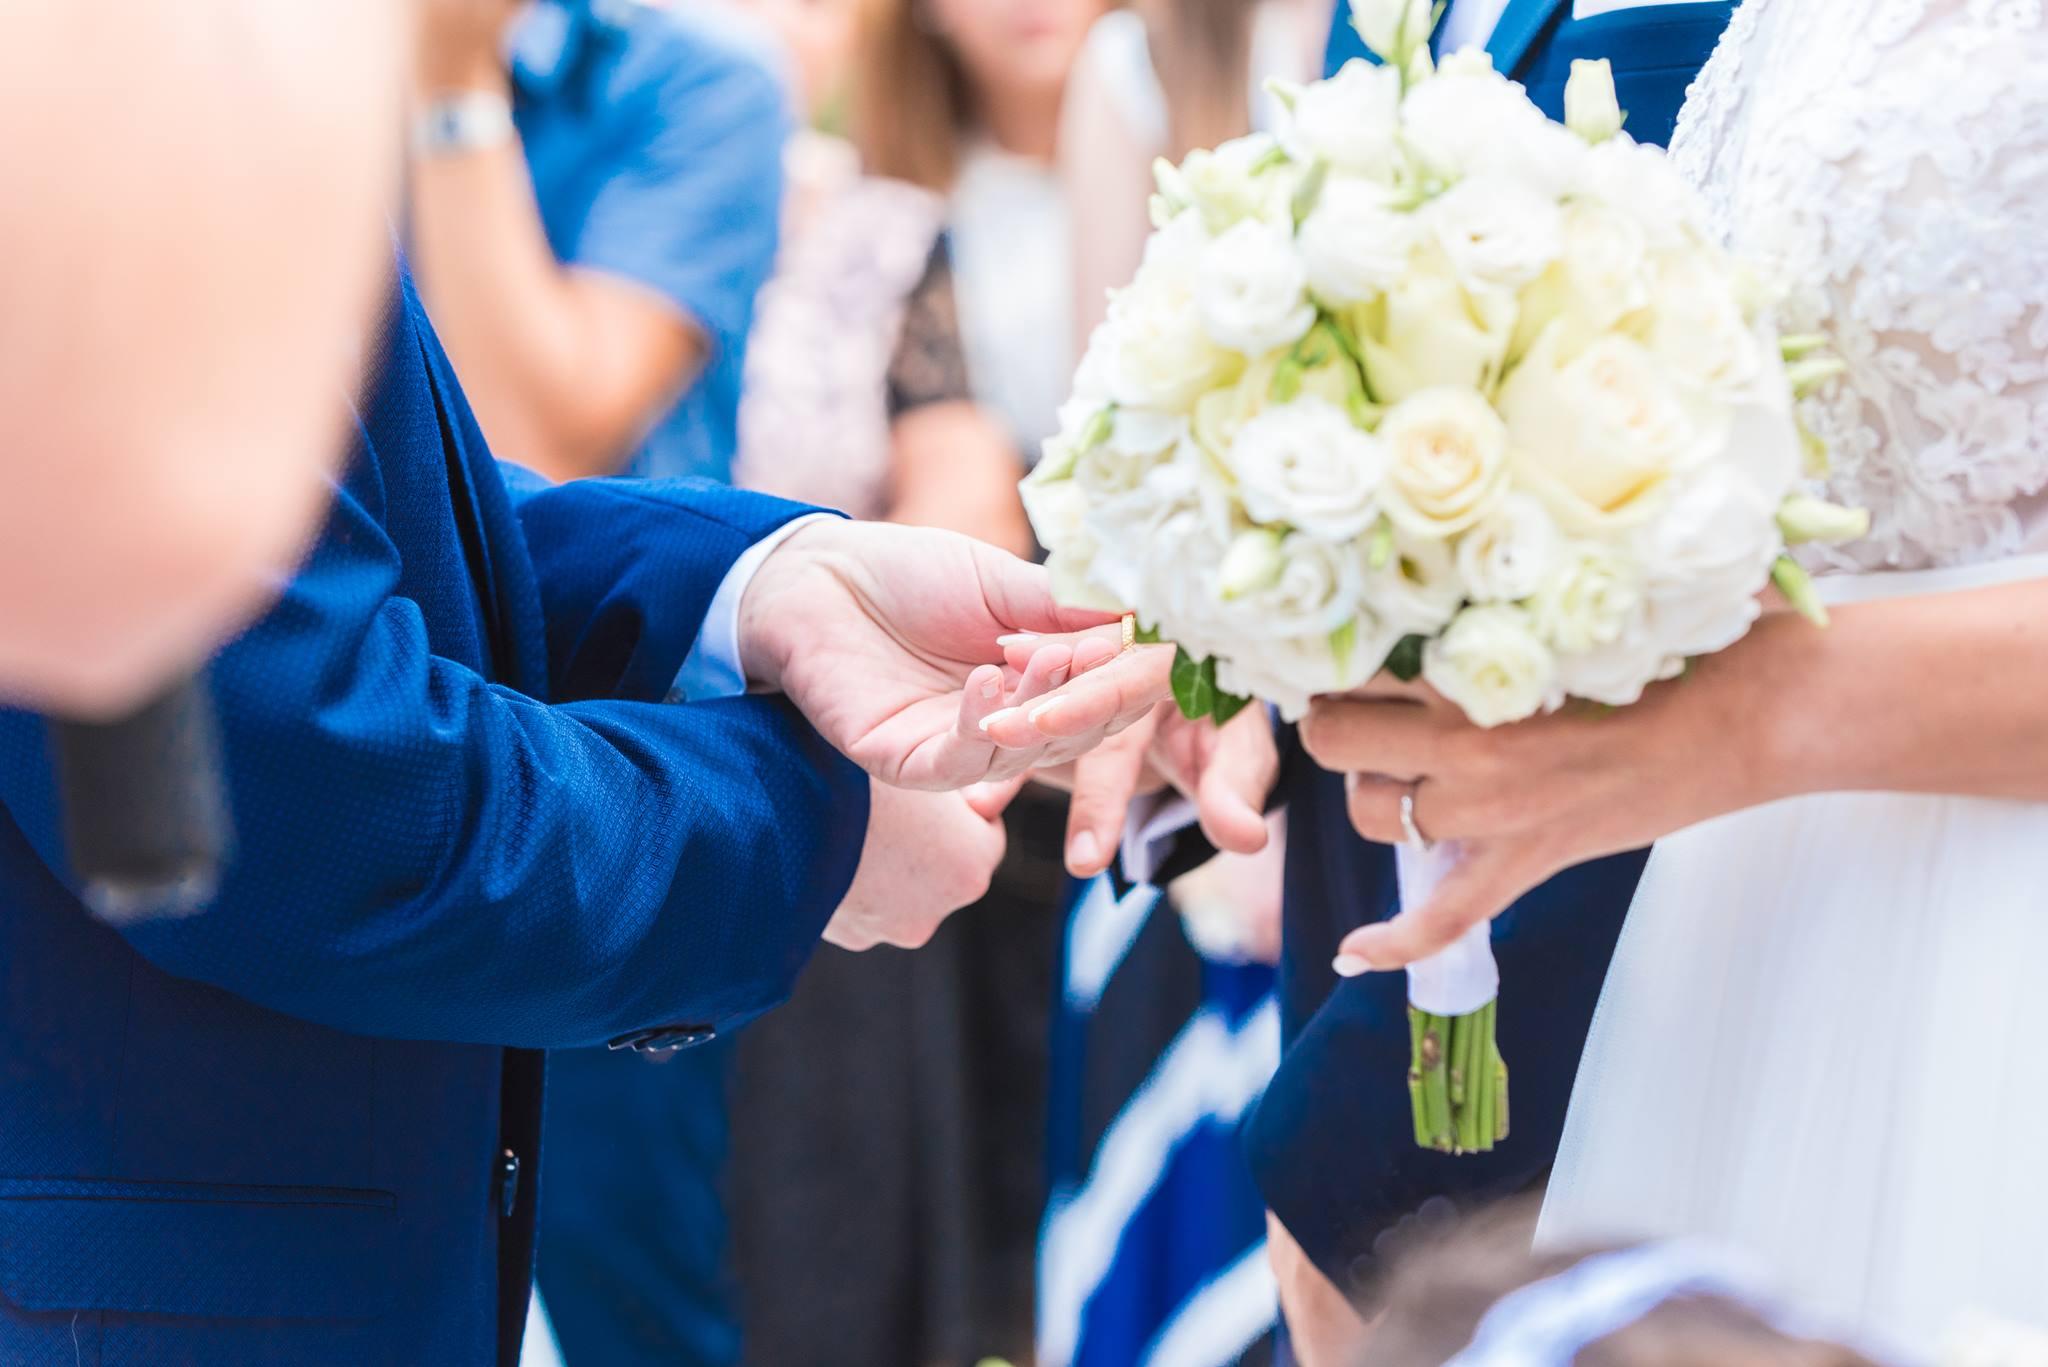 159afee7d78d στολισμό Για να ξεχωρίσει ένας γάμος